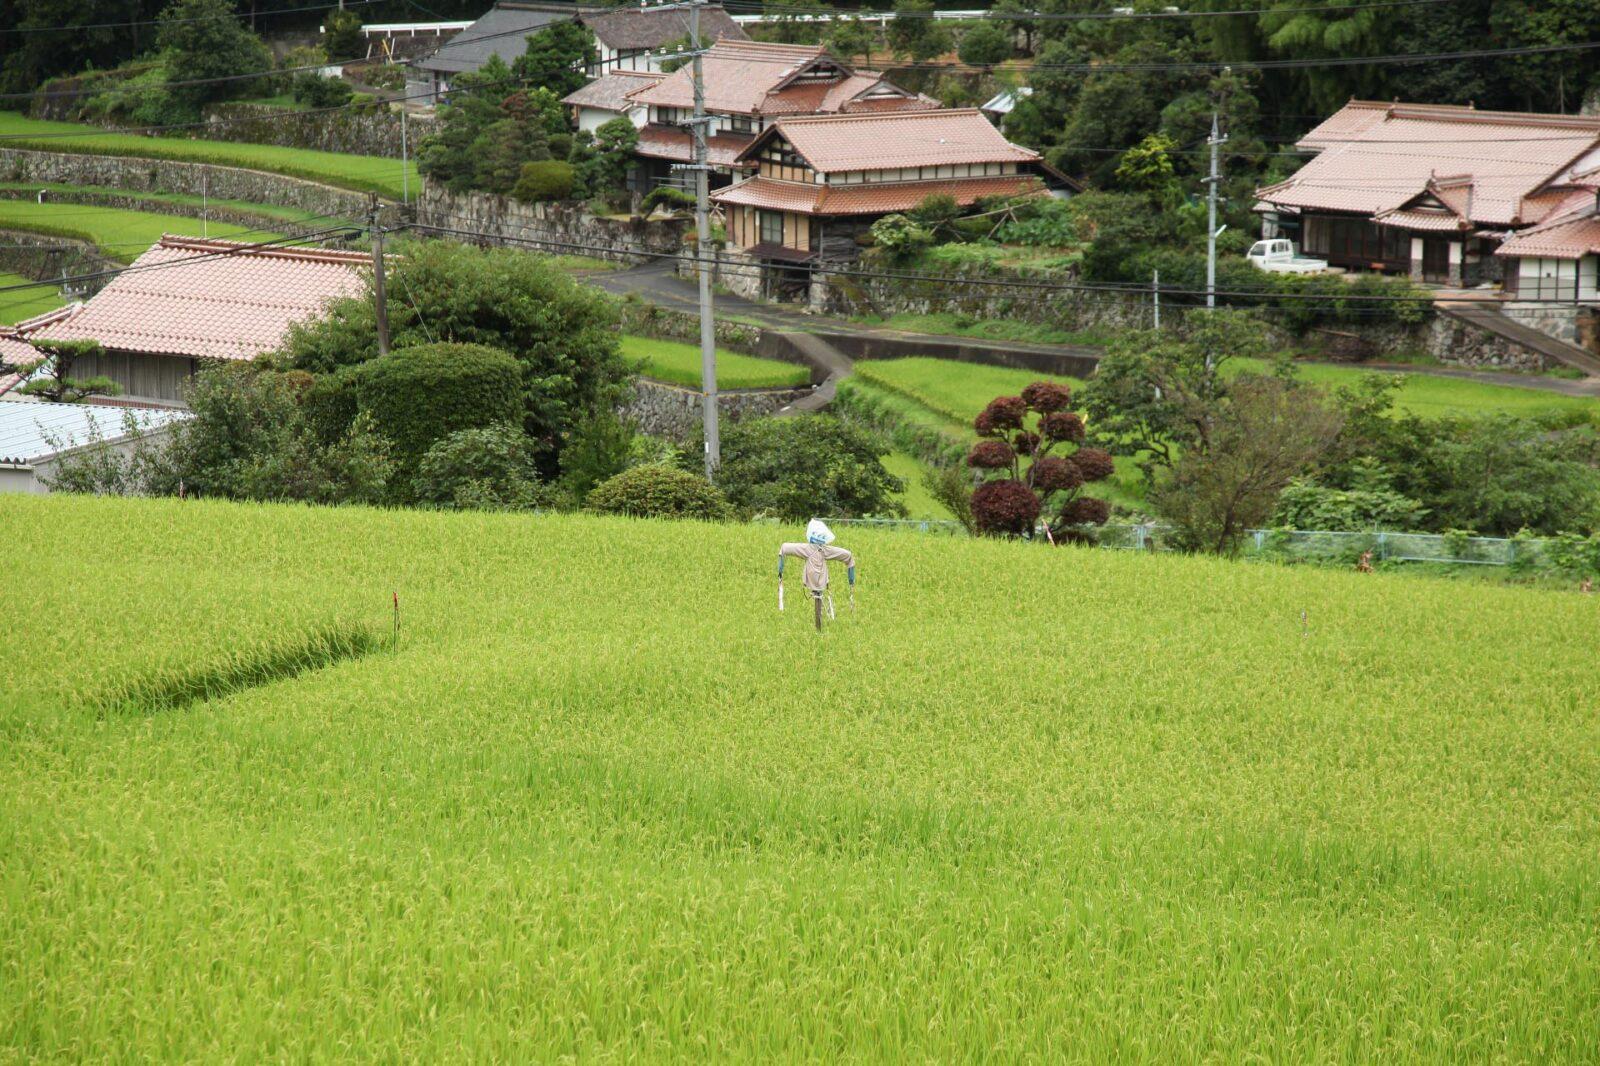 日本の夏の里山の風景 広島県広島市安佐北区